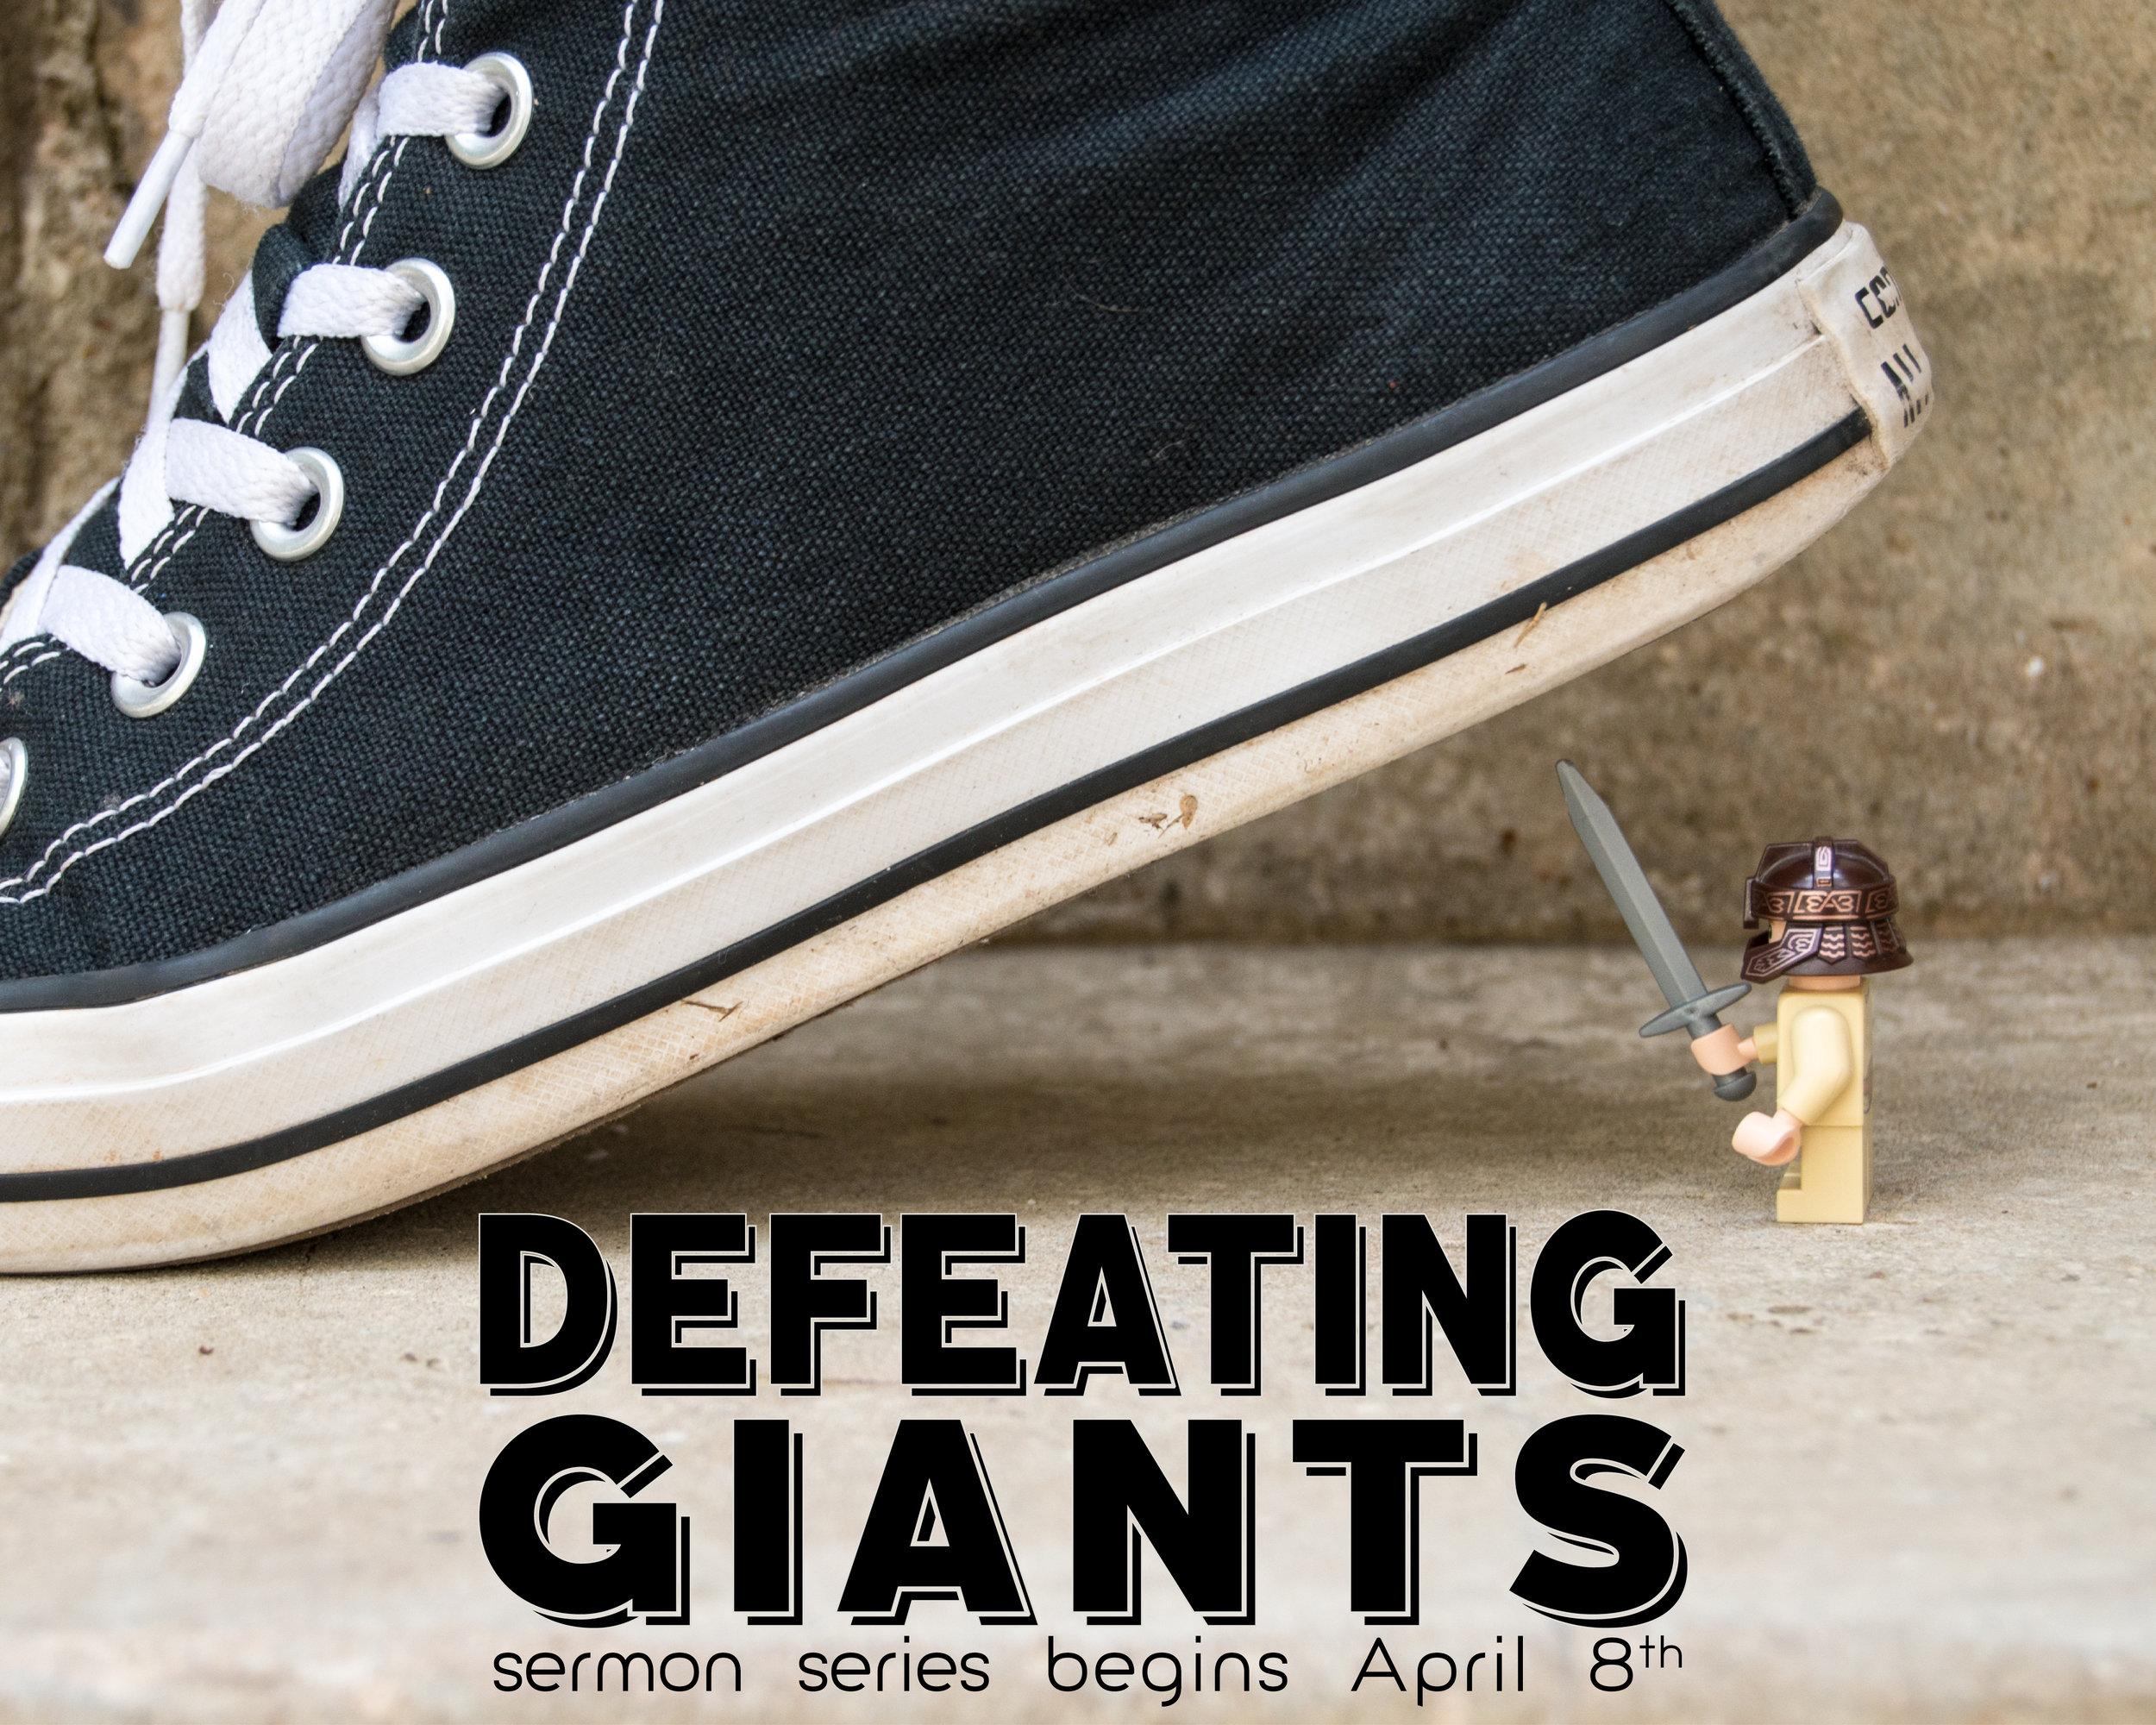 Defeating-Giants-Sermonseries-slide.jpg